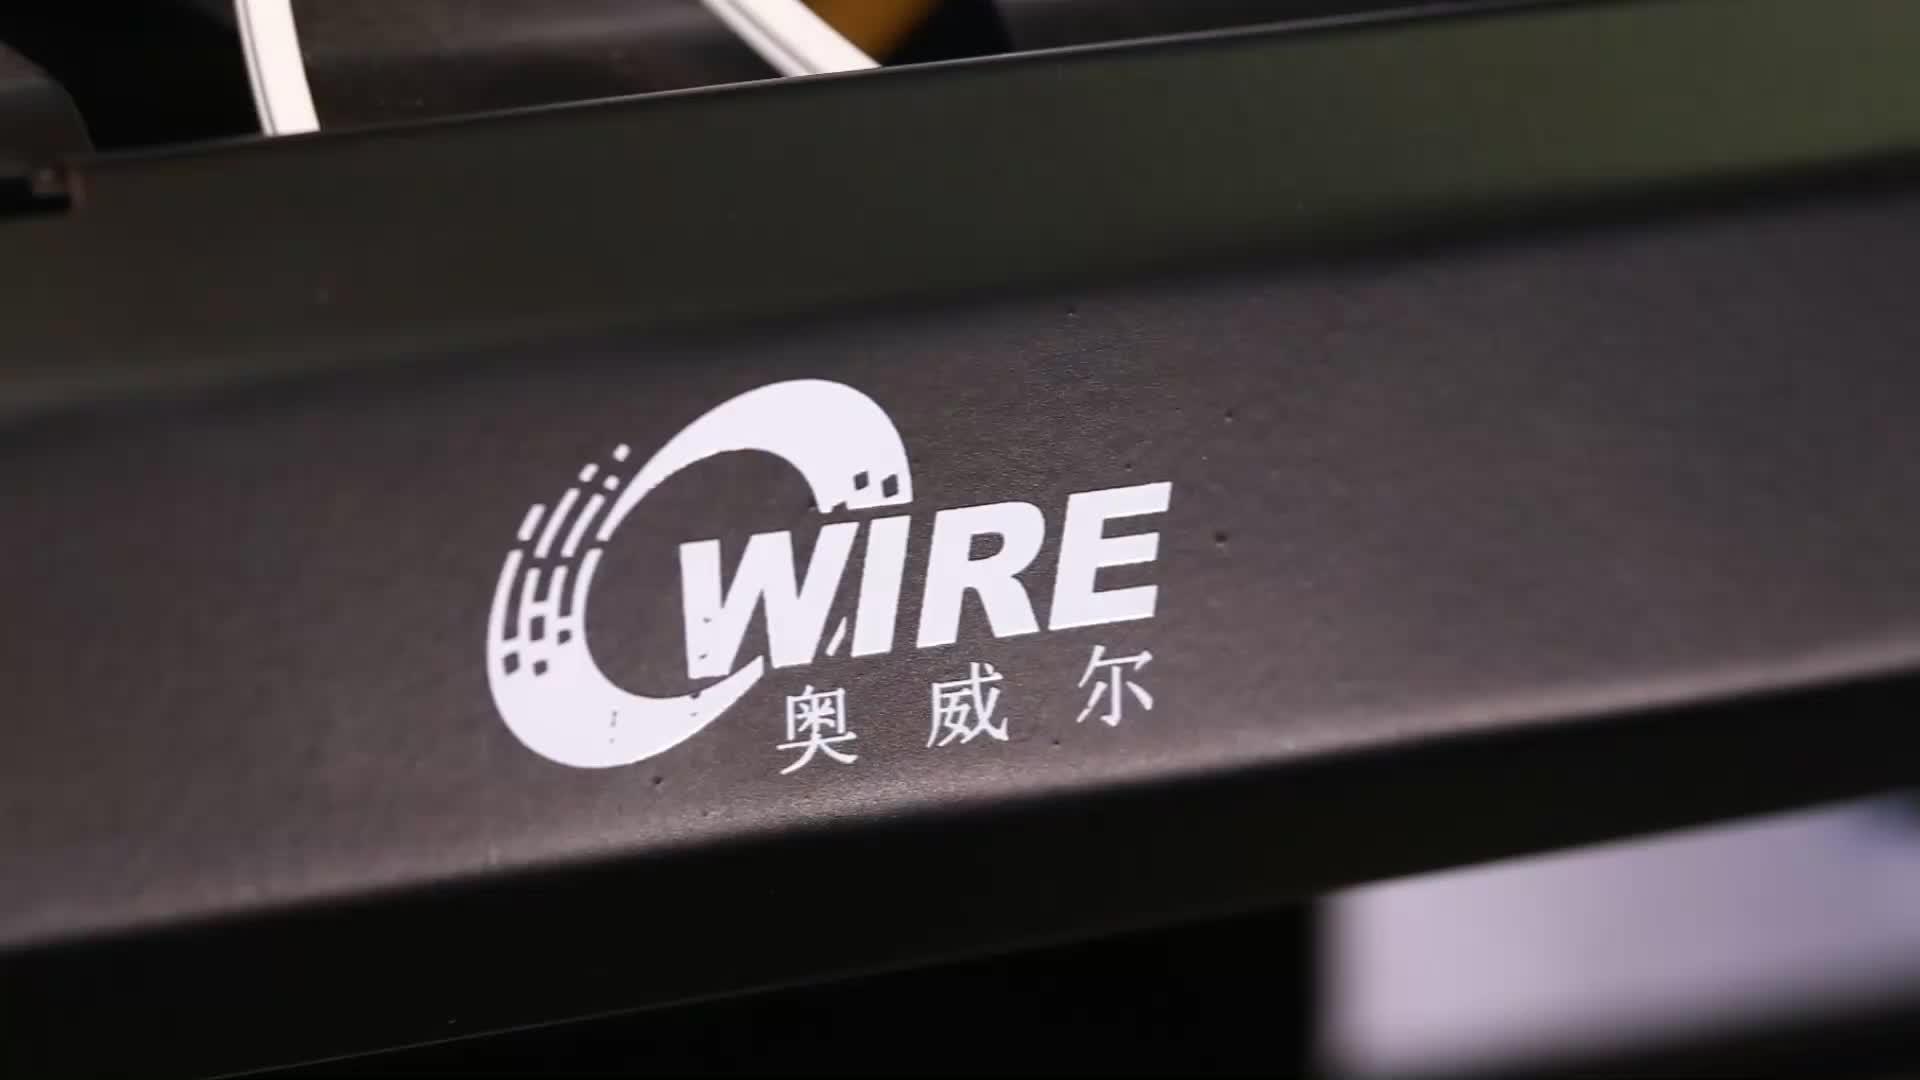 Migliore Mini Spina Cat6 Cat5 Rg45 Metallo 8 Pin Prezzo Ethernet Rj45 Connettore